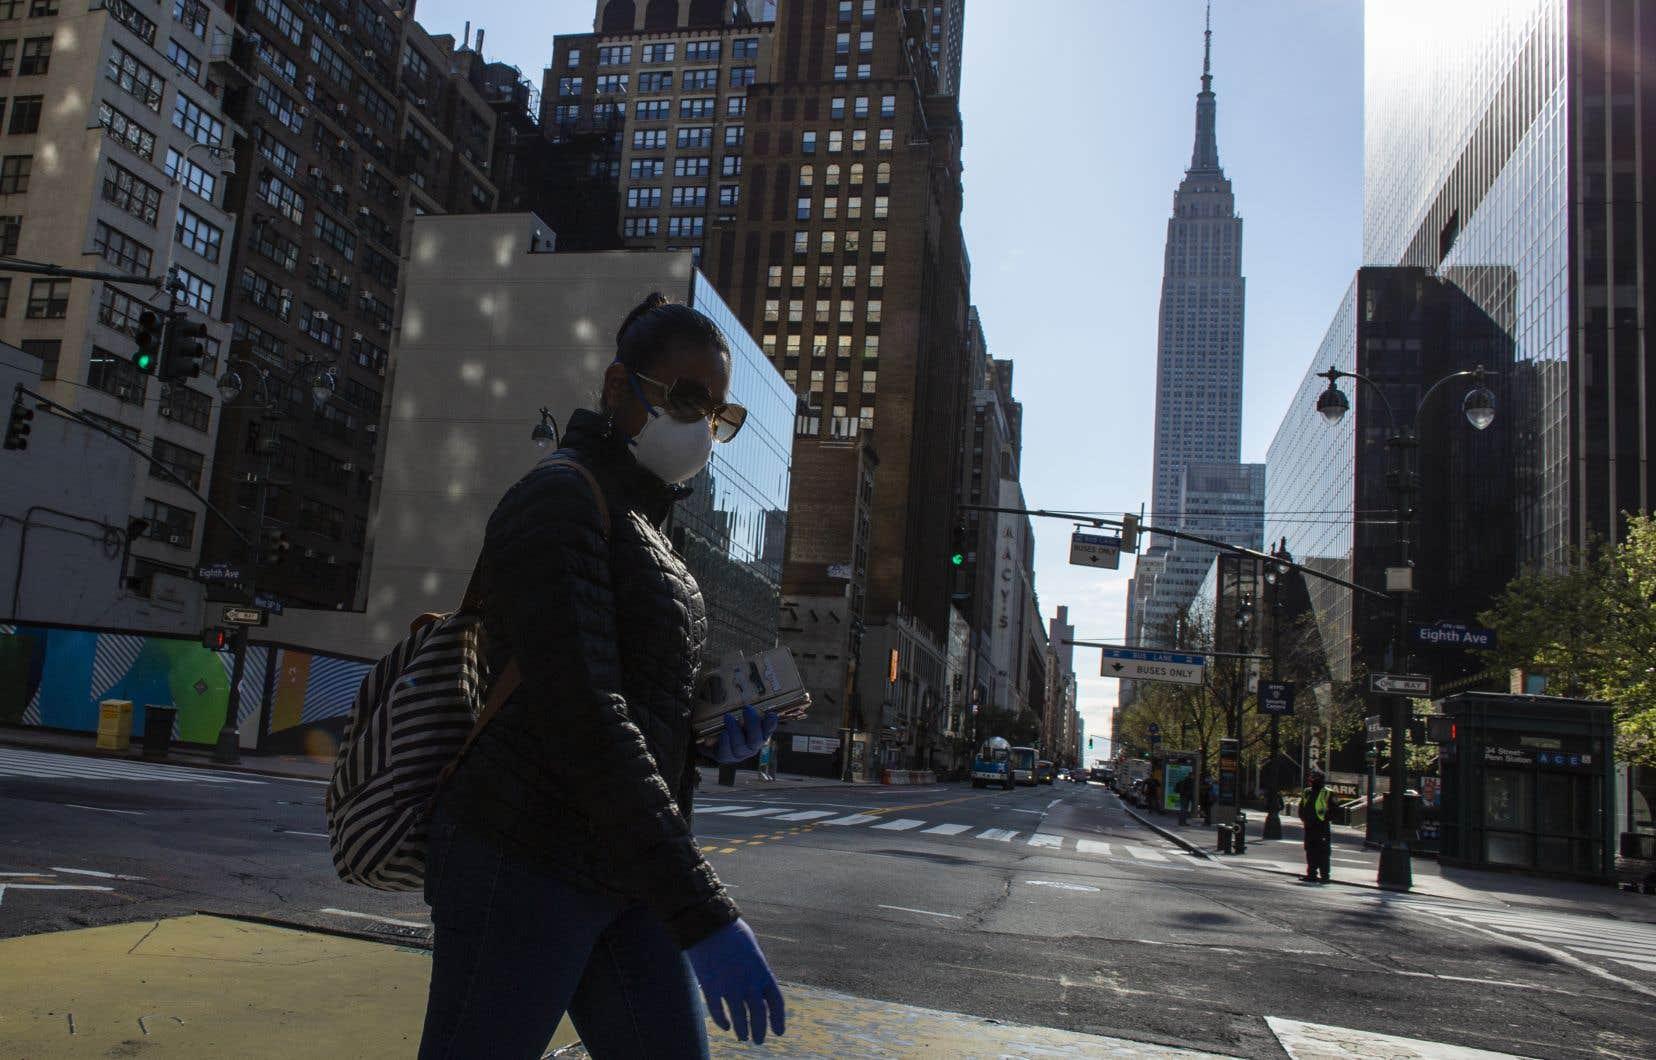 Un nouveau décret va obliger dans l'État de New York le port d'un masque ou d'un foulard couvrant la bouche et le nez en public, notamment dans les transports en commun ou dans la rue.